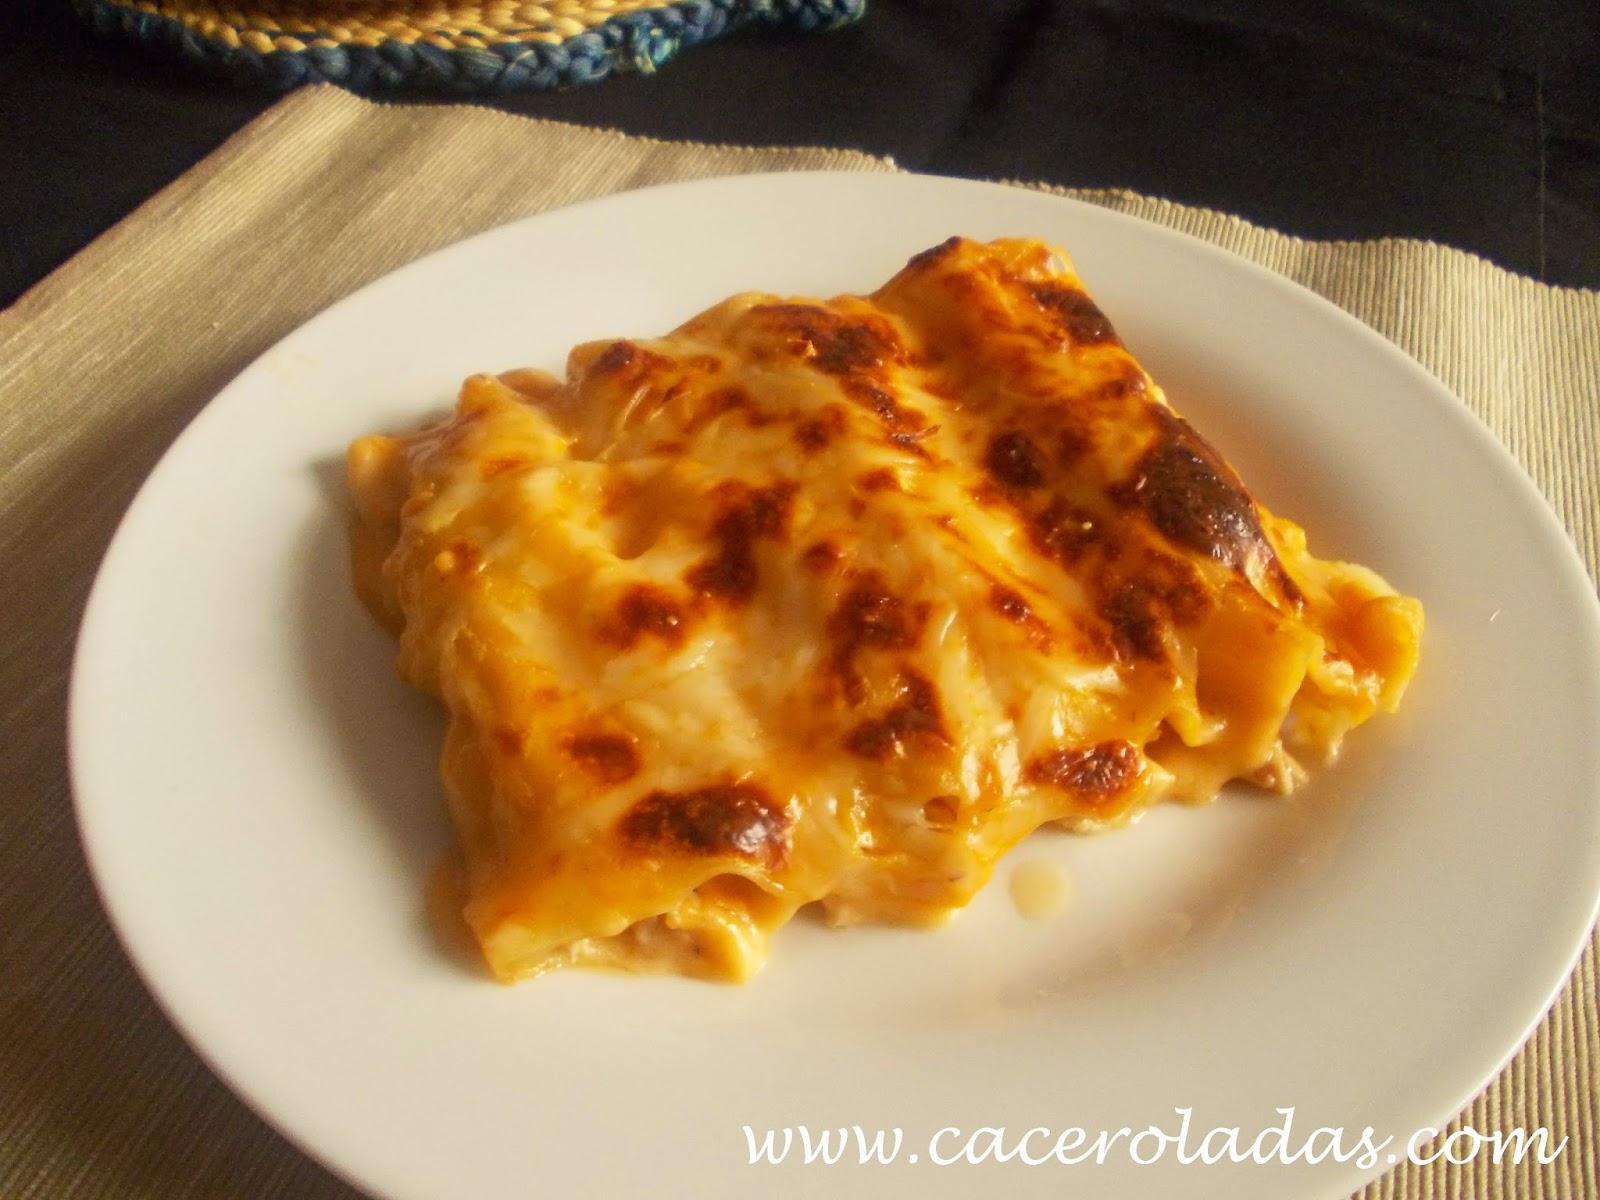 Canelones de salmón y queso cremoso